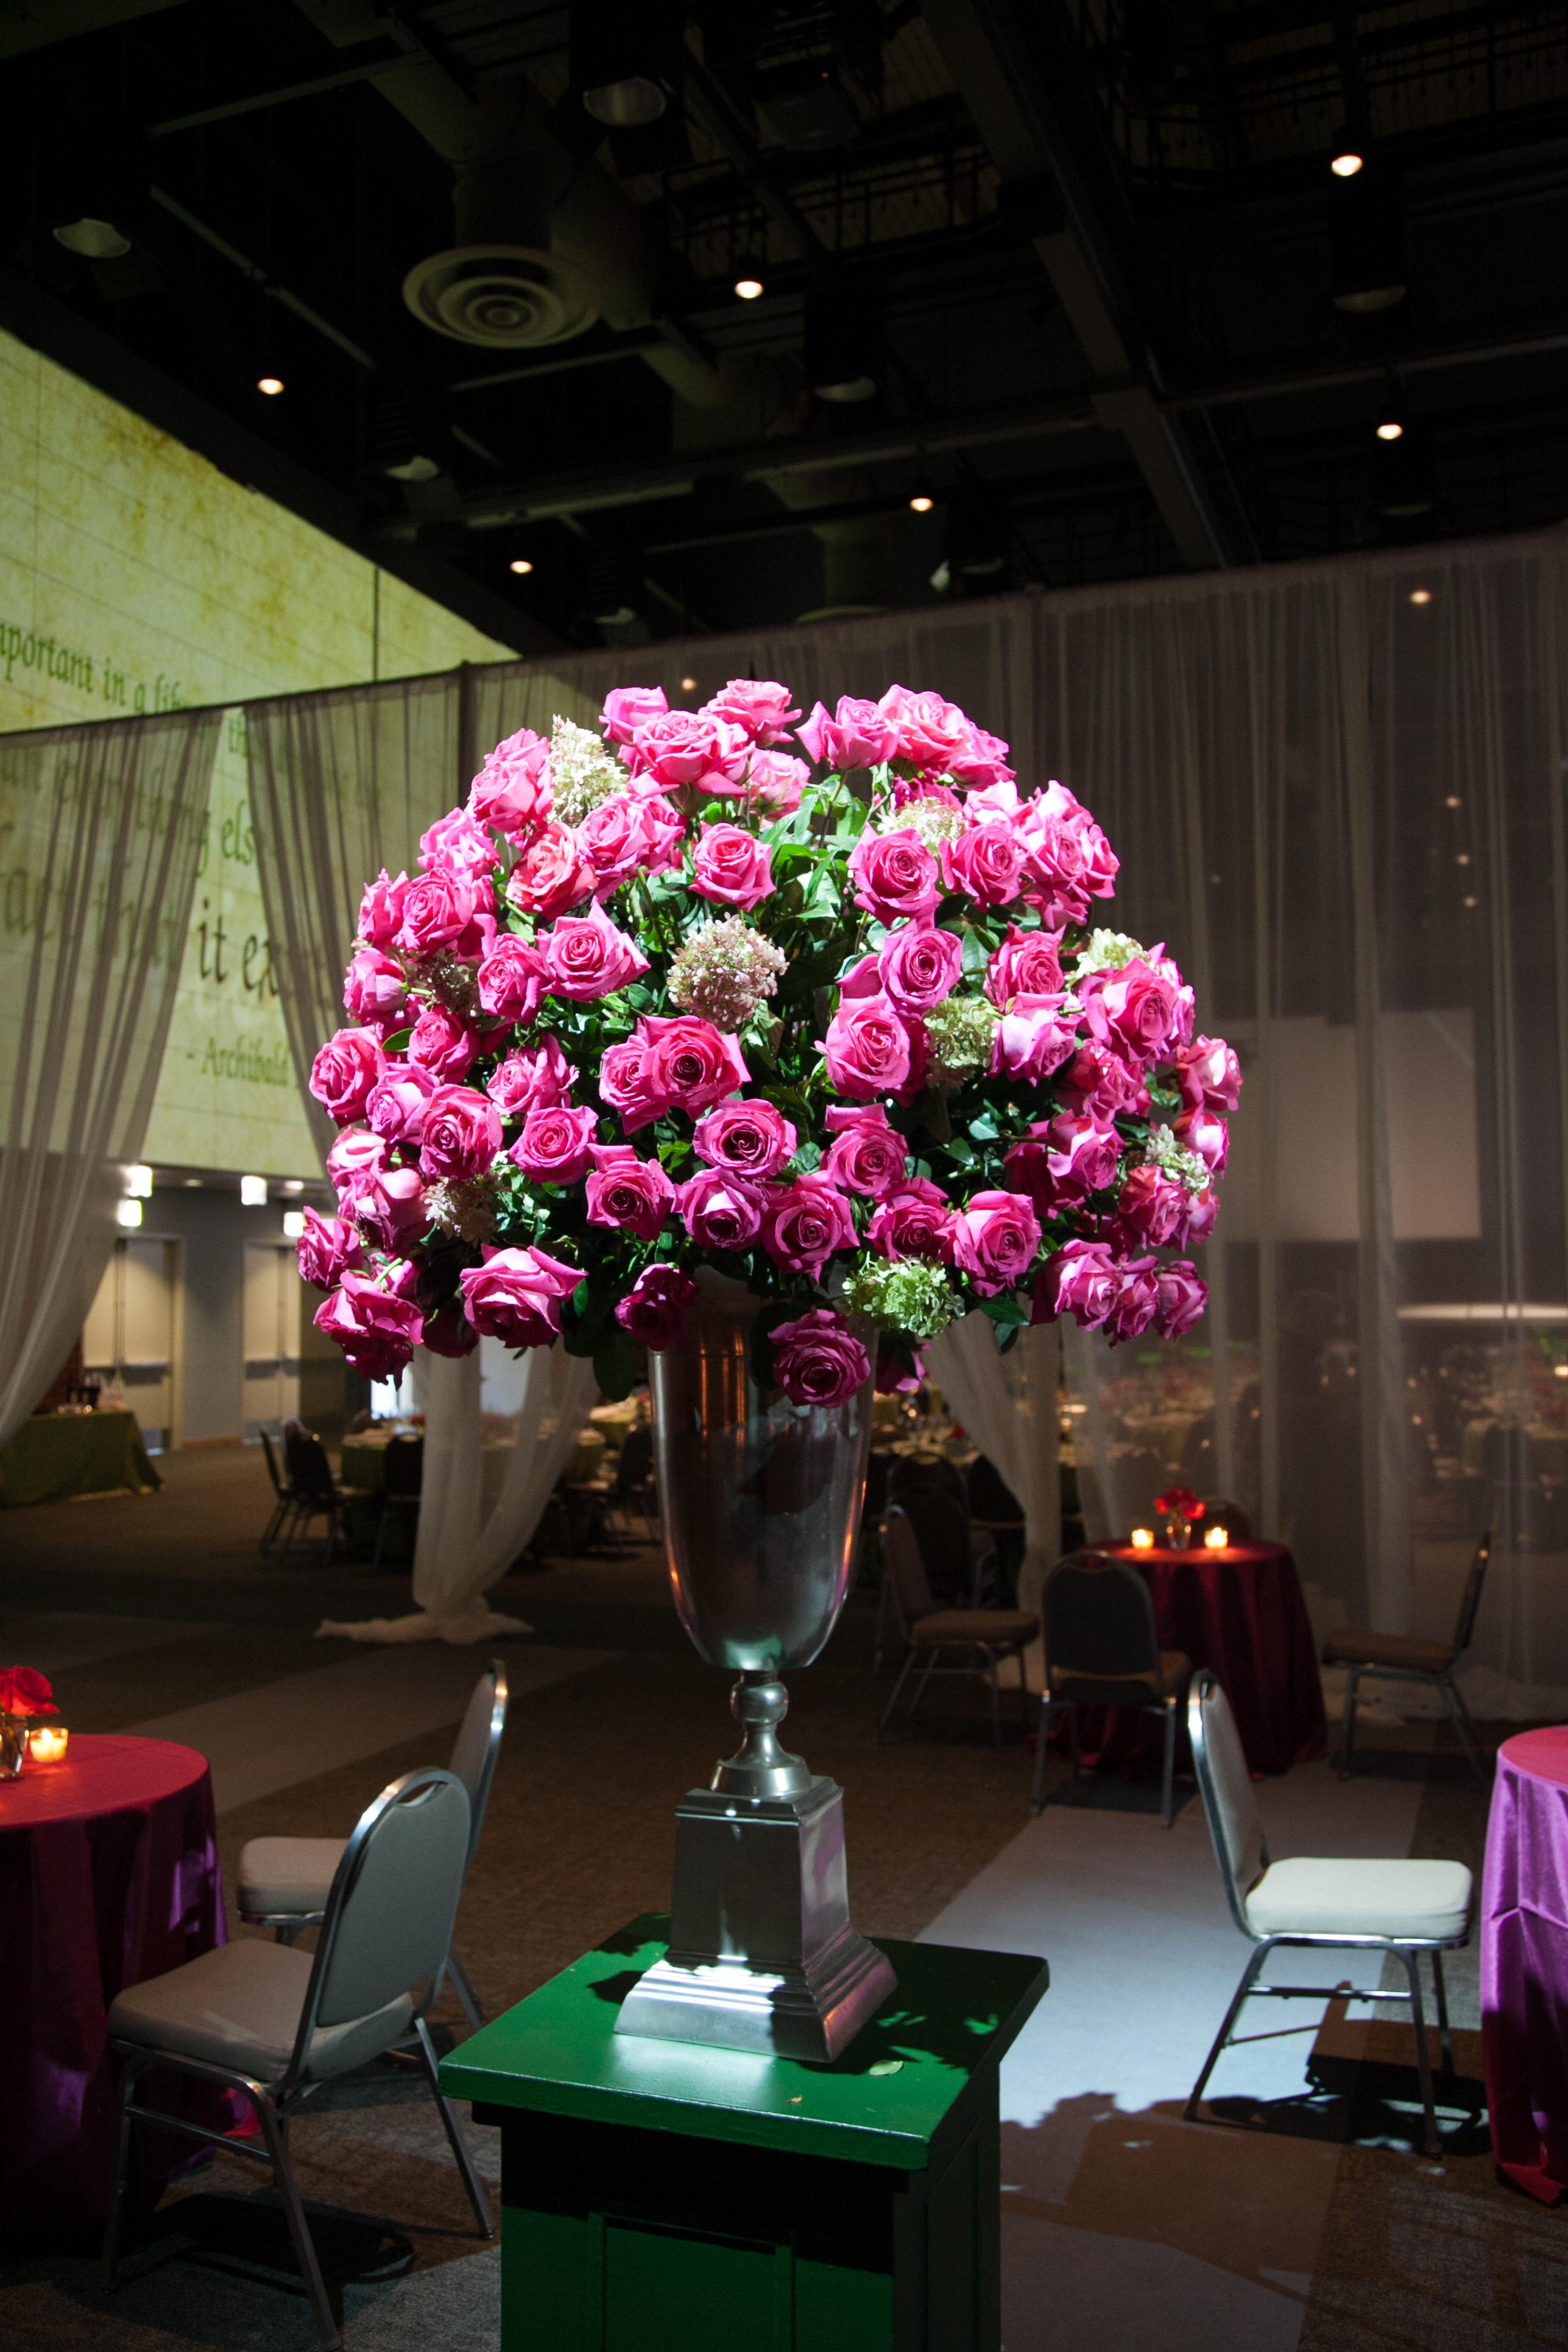 floral focal